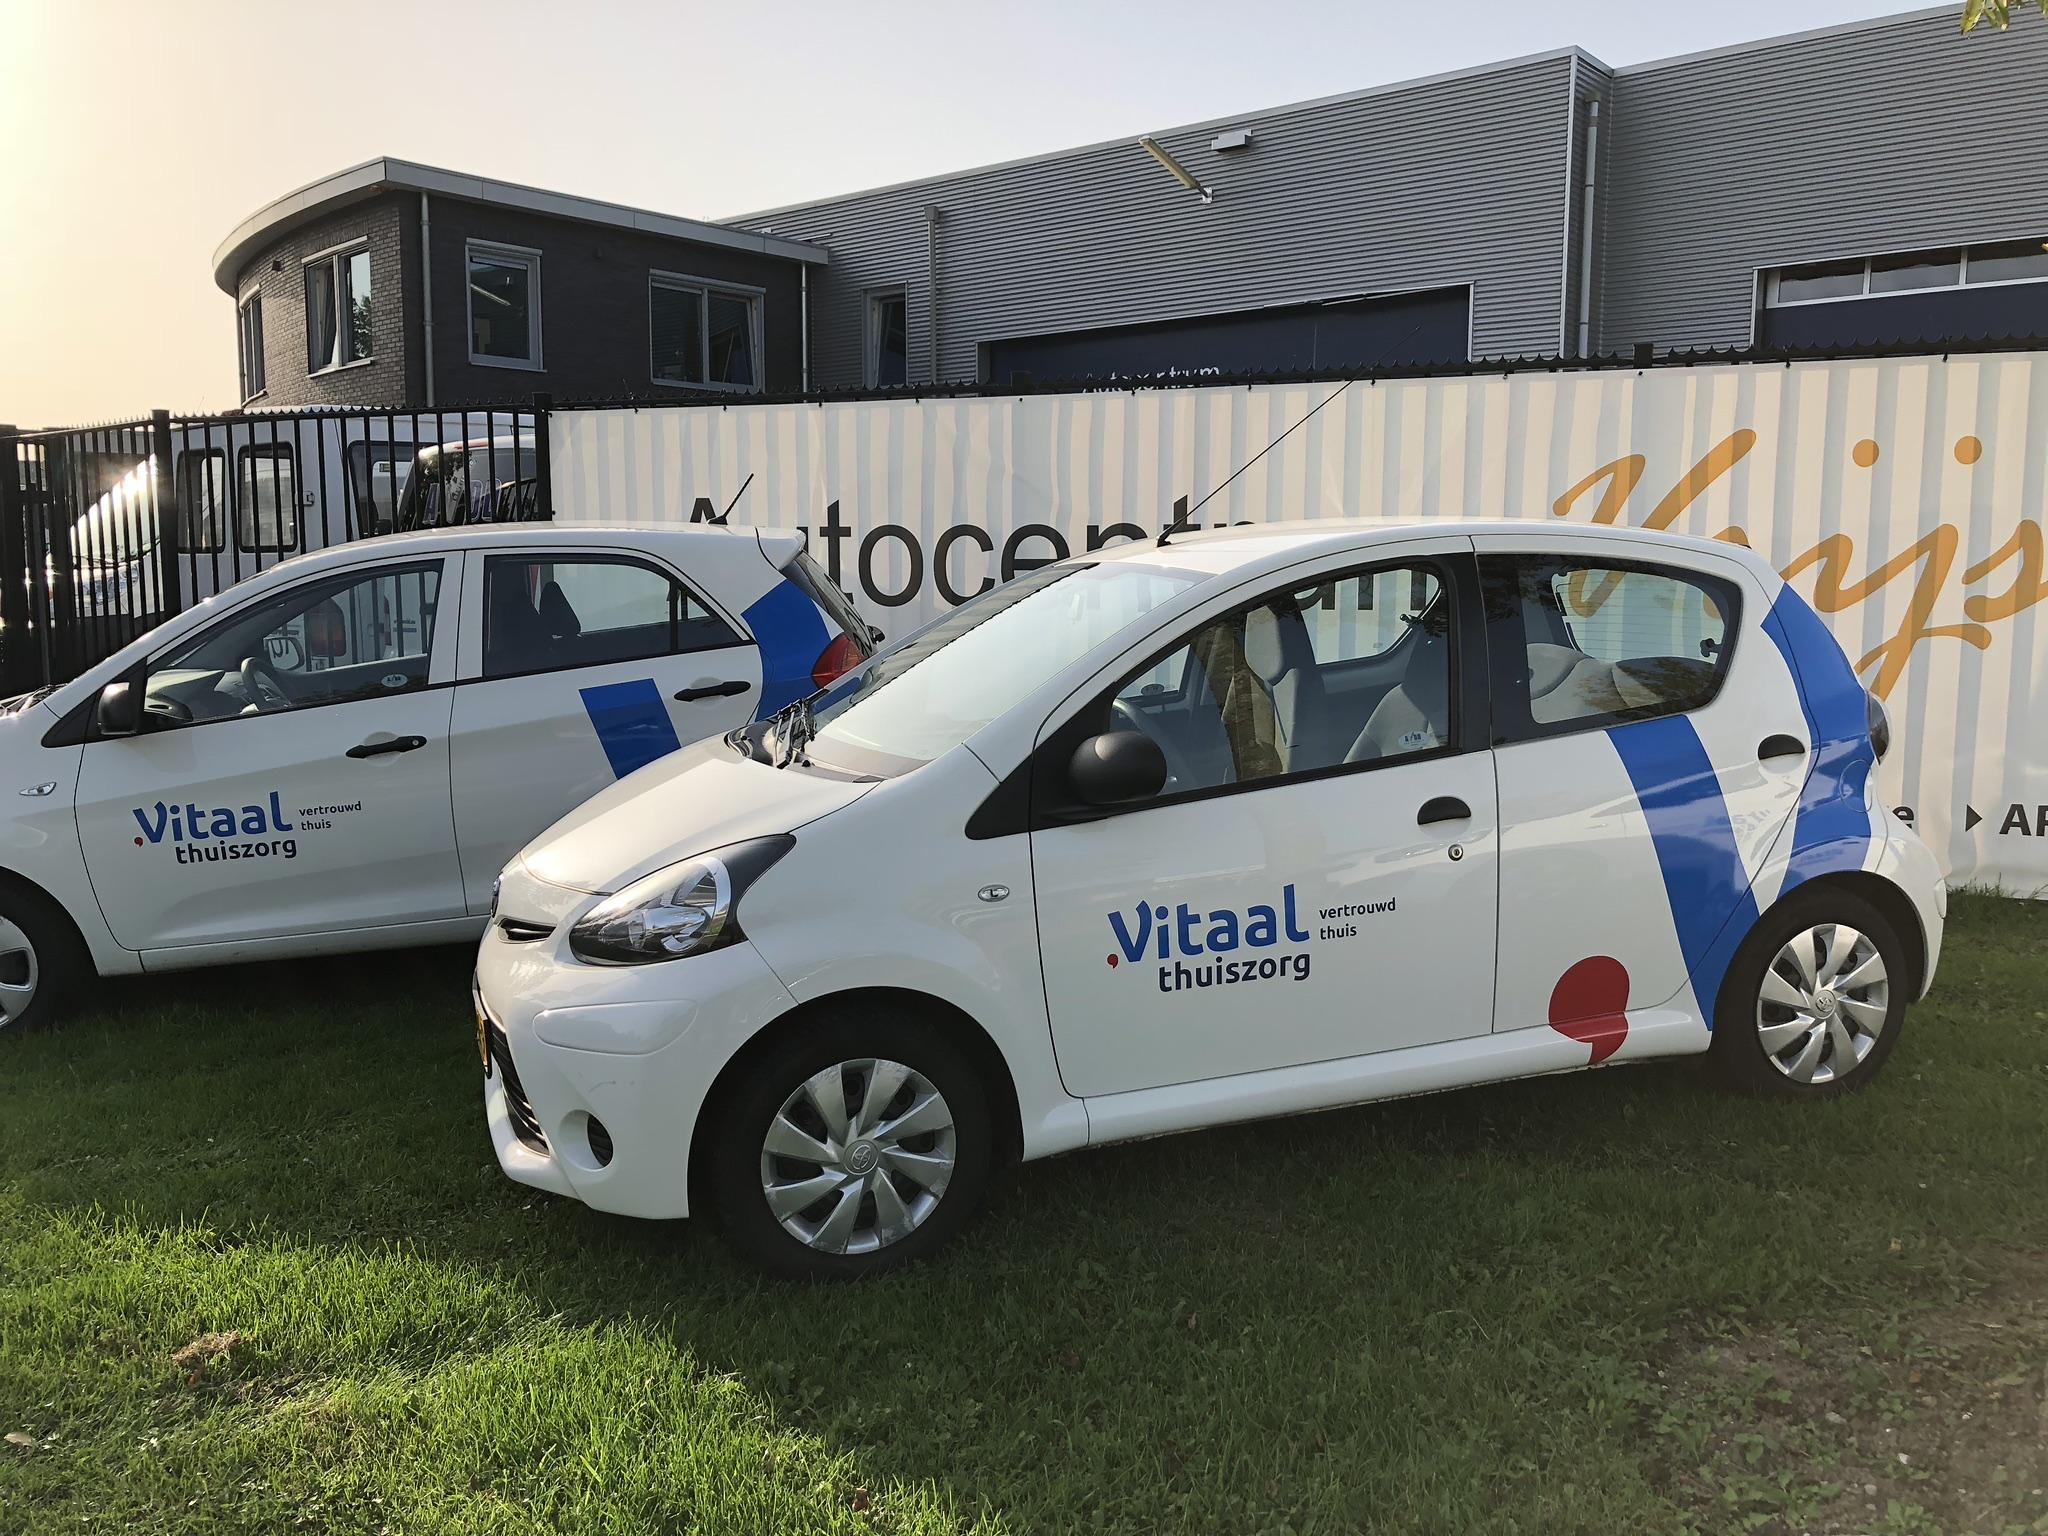 Nieuw logo Vitaal thuiszorg vindt zijn weg.